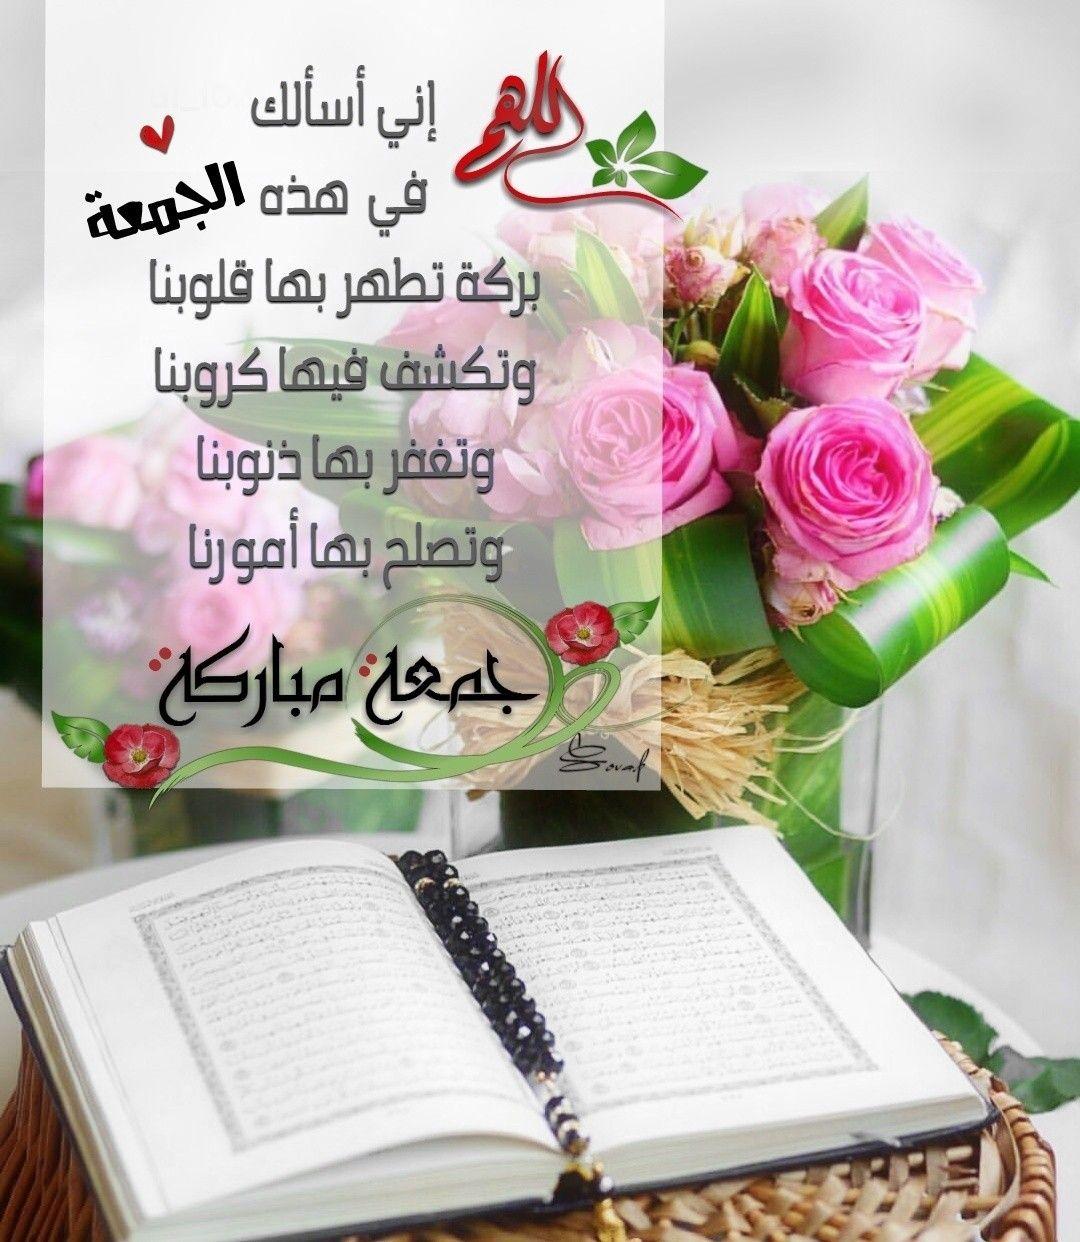 جمعة طيبة مباركة Beautiful Morning Messages Morning Greetings Quotes Blessed Friday